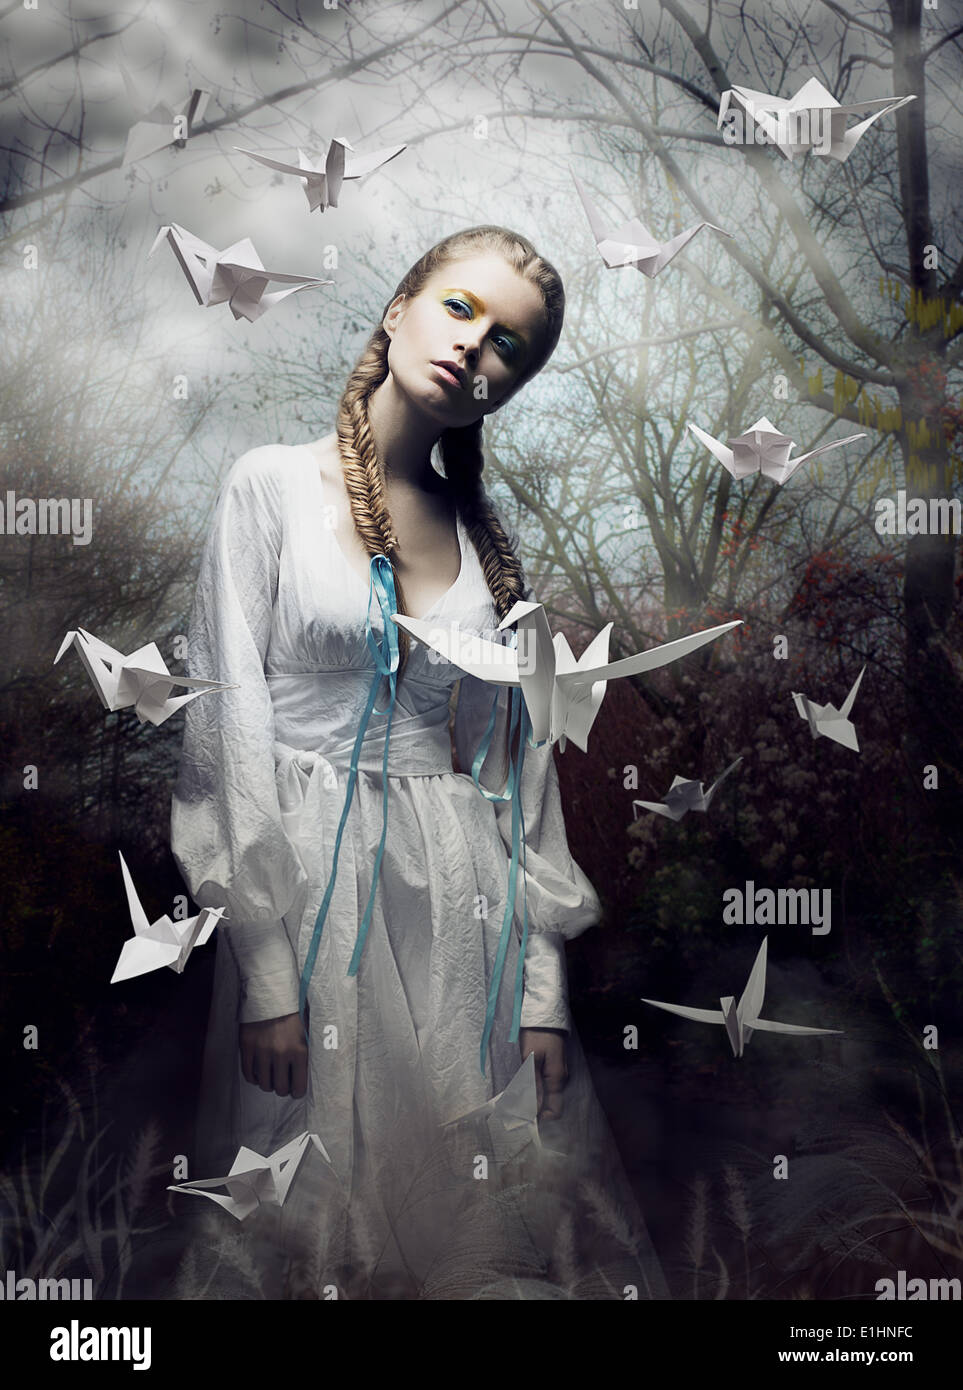 Geheimnis. Origami. Frau mit weißen Papier-Taube. Märchen. Fantasie Stockbild